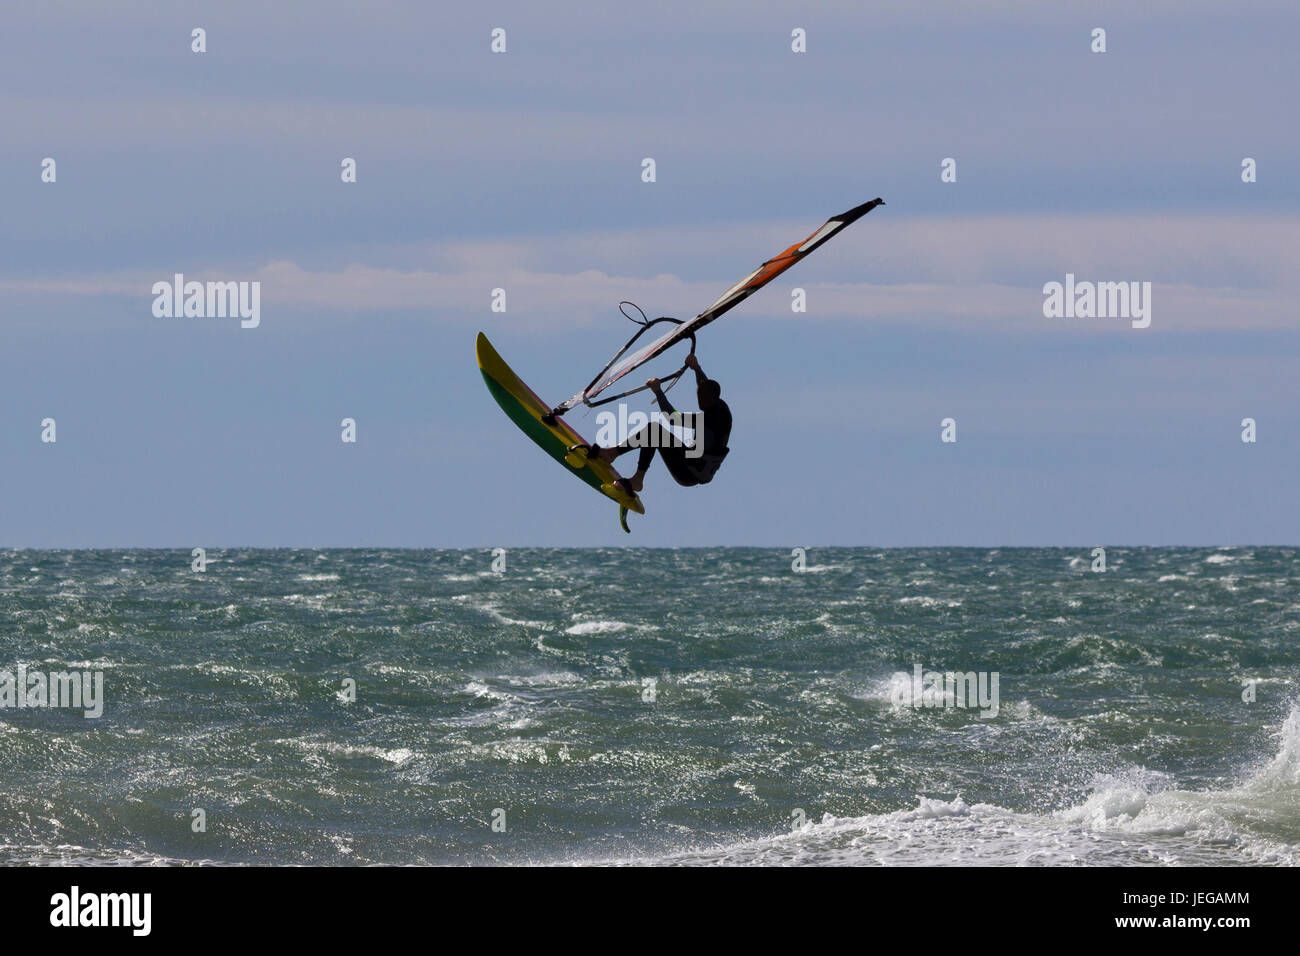 Salto acrobático de windsurf en el mar Foto de stock